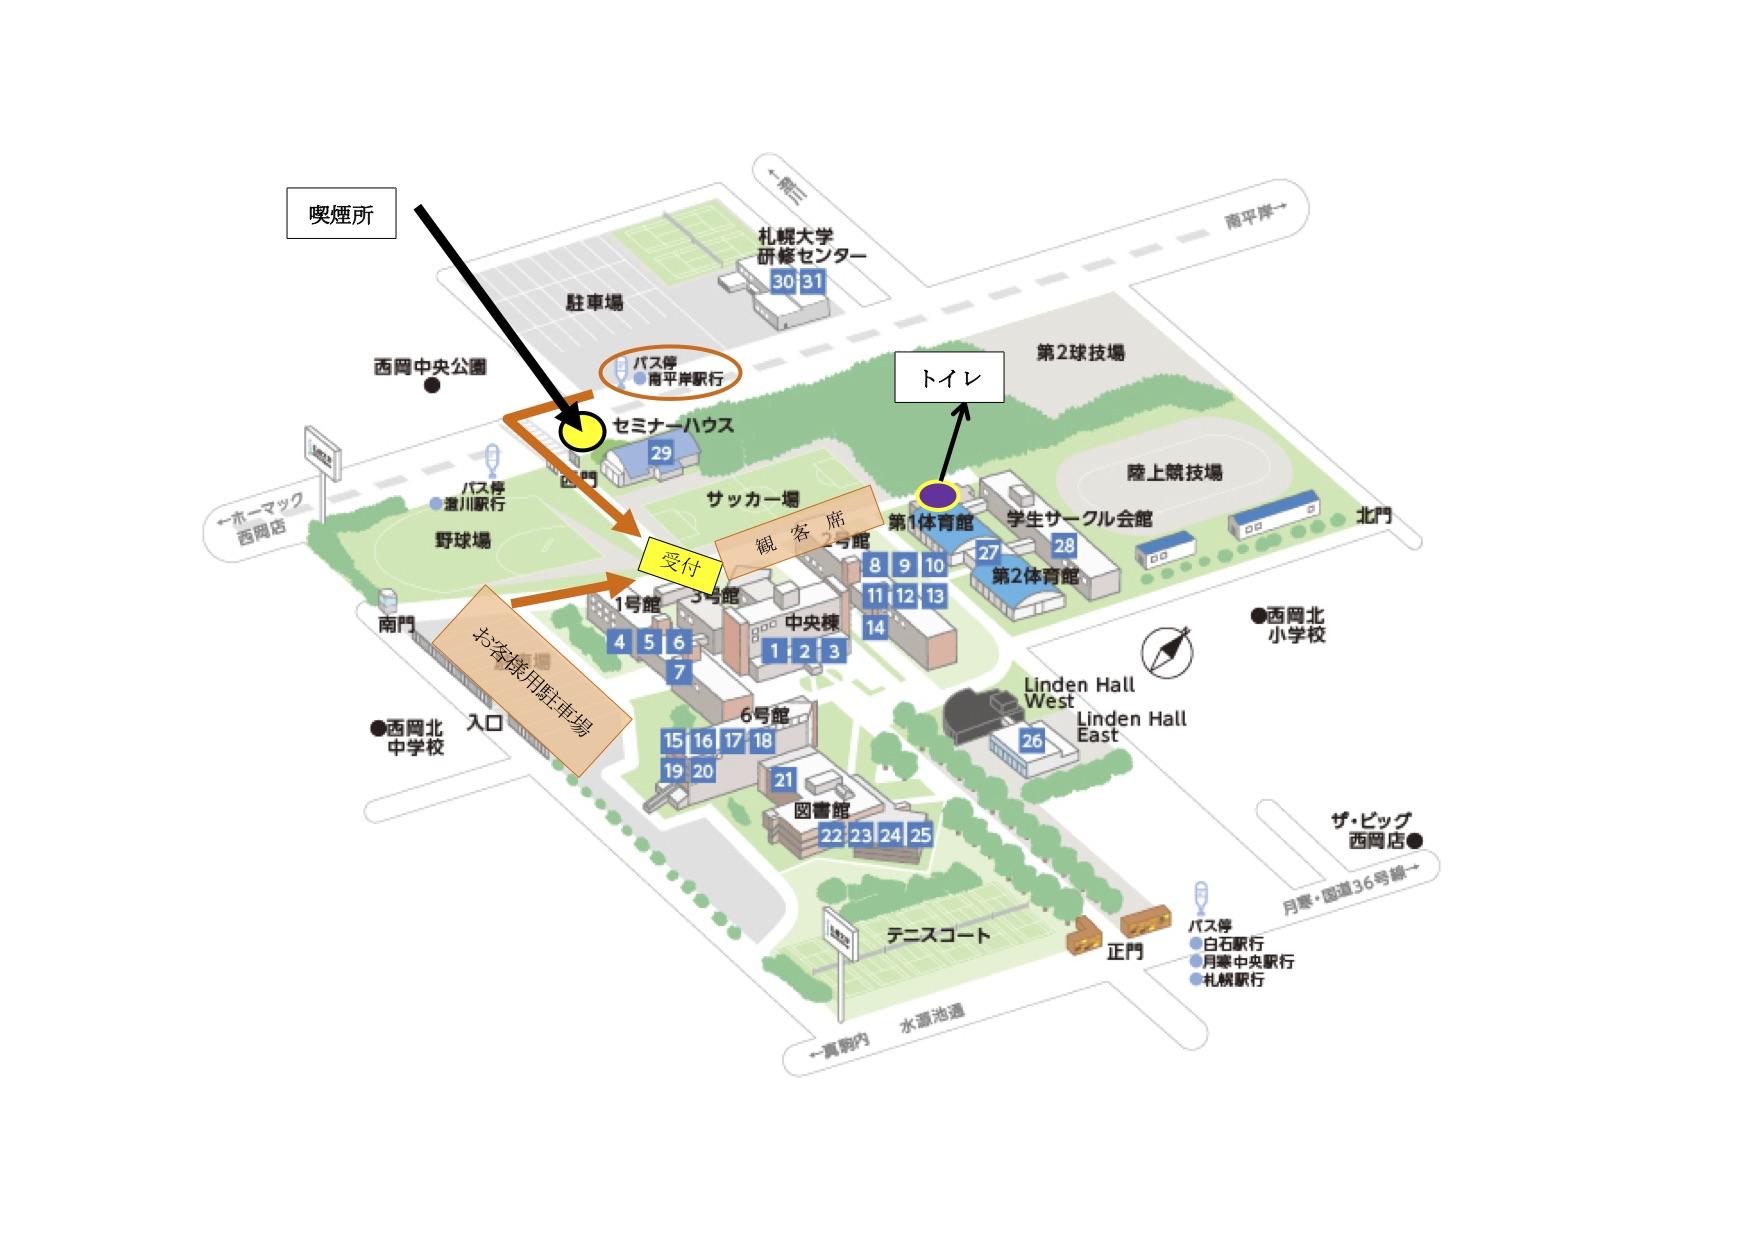 札幌大学マップ